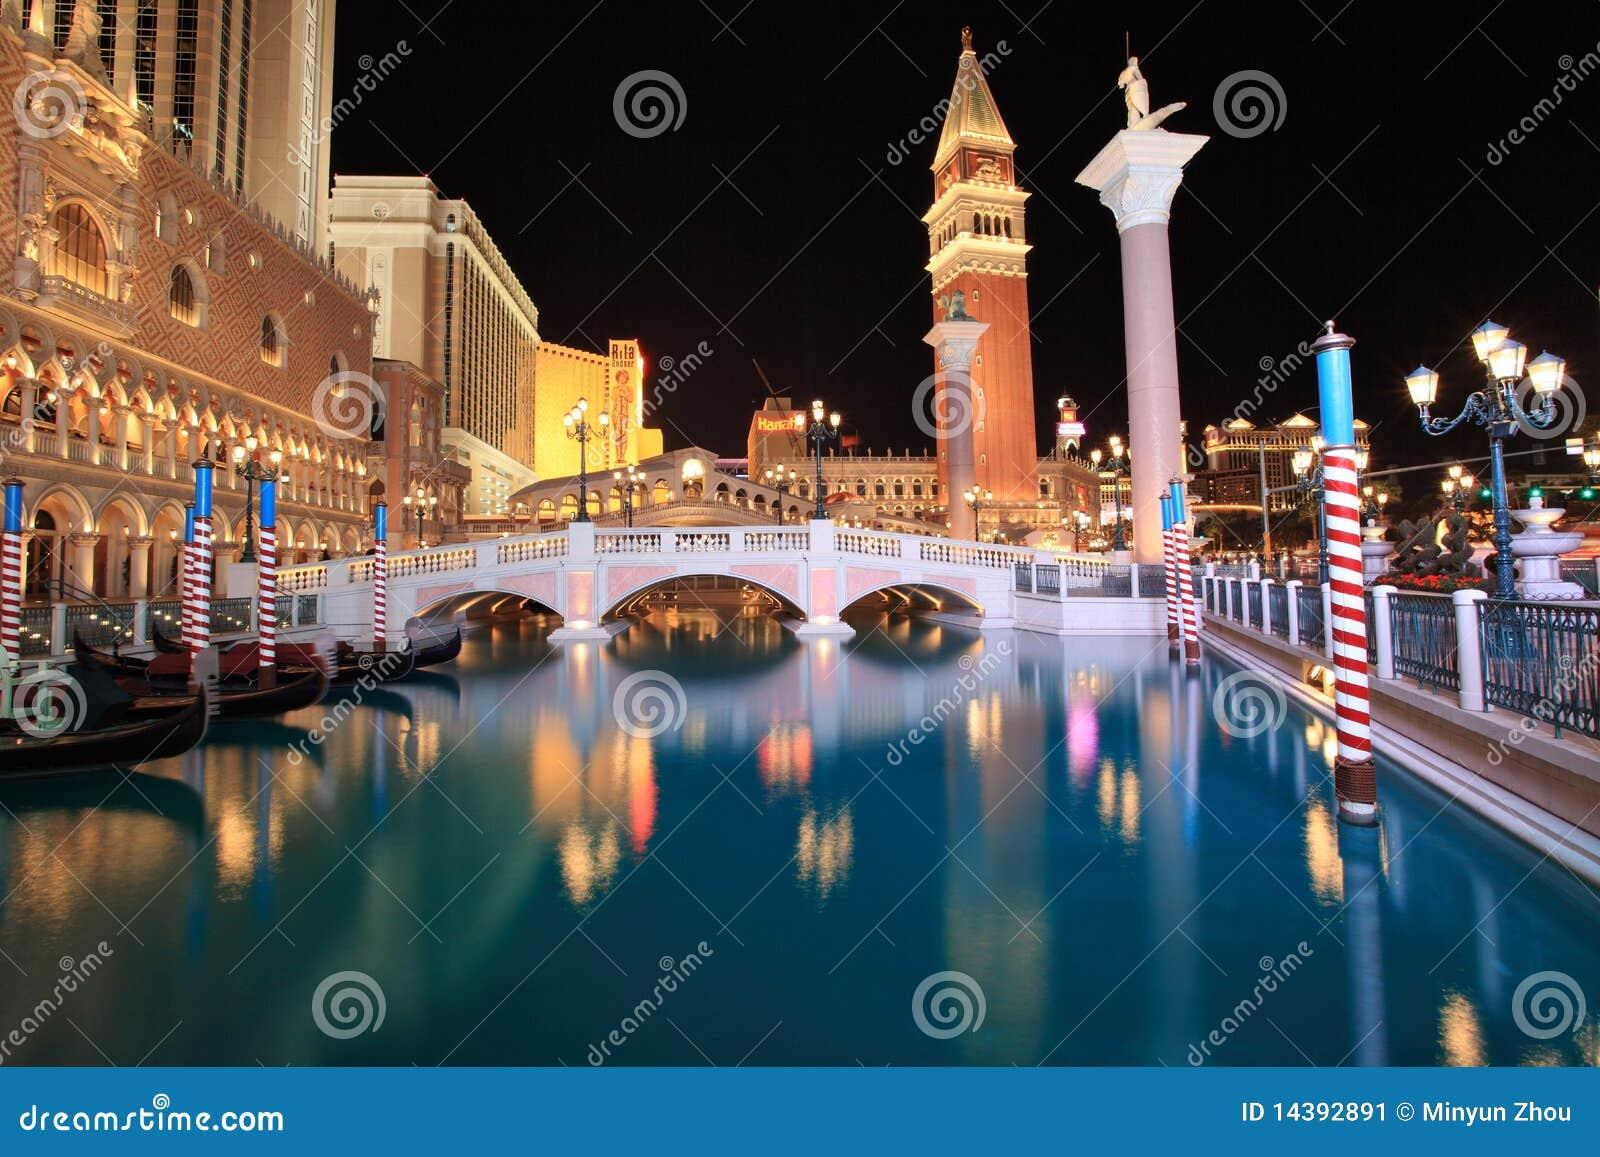 Venetian casino in las vegas editorial photo image of - Hotel las gaunas en logrono ...